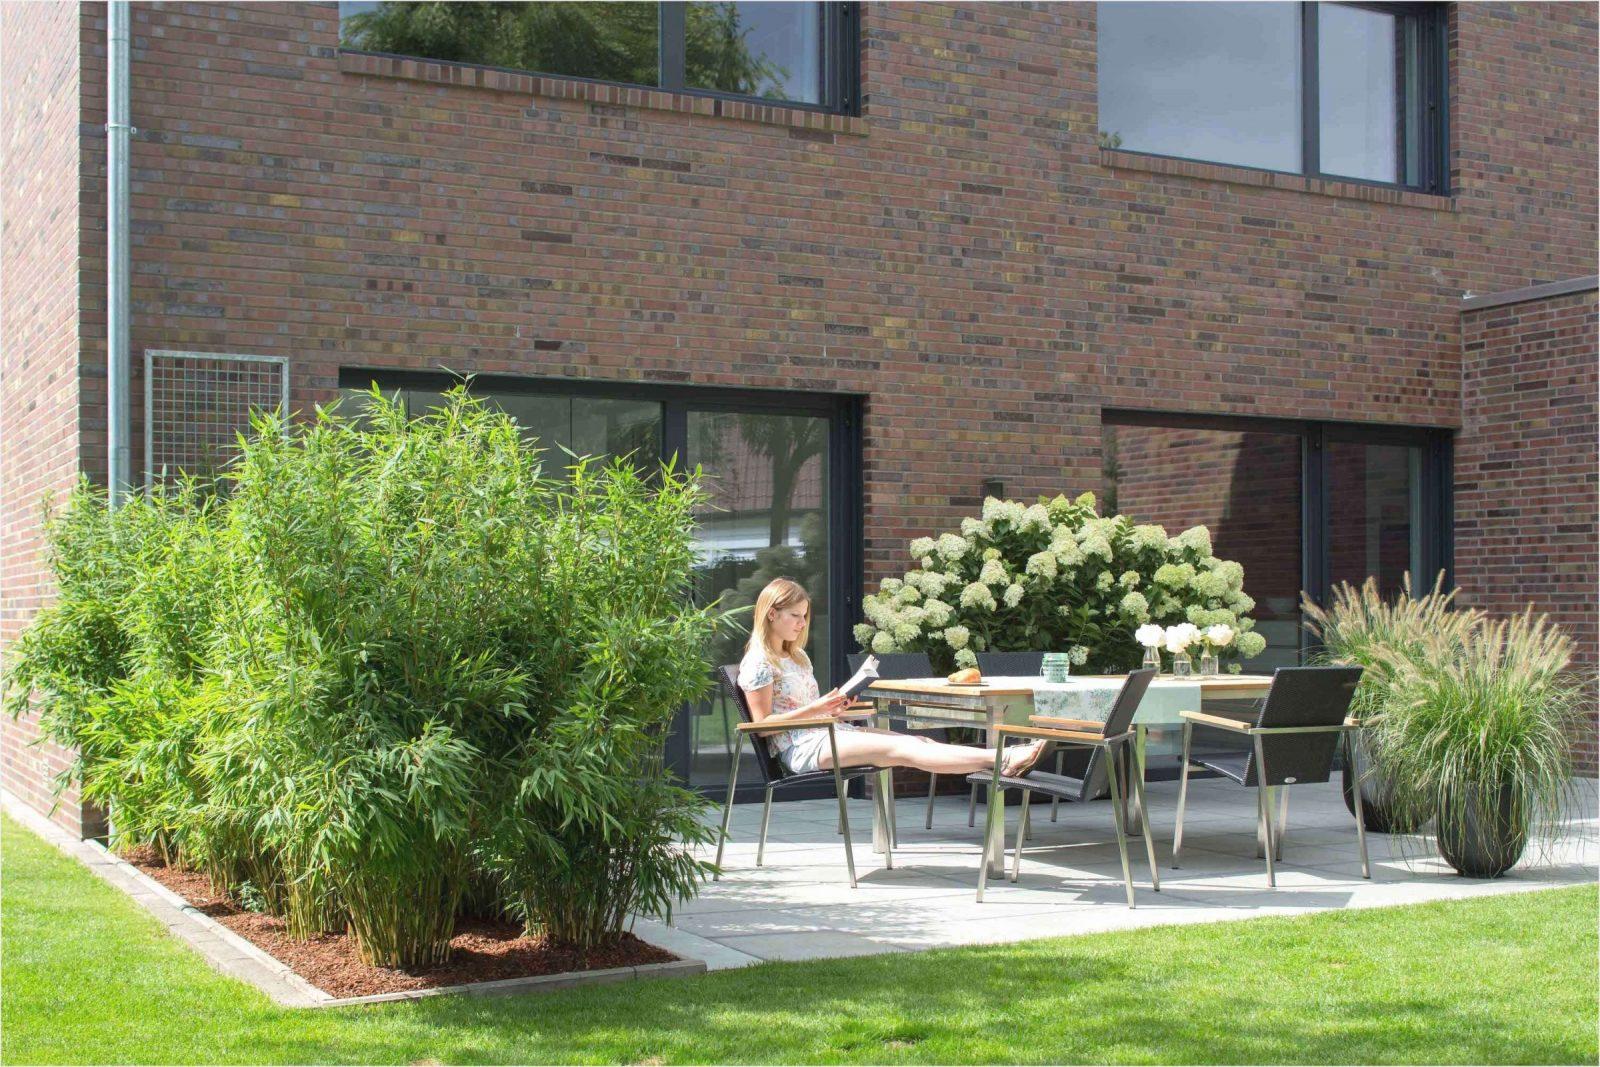 42 Neu Sichtschutz Pflanzen Terrasse Foto  Komplette Ideen von Pflanzen Als Sichtschutz Terrasse Bild